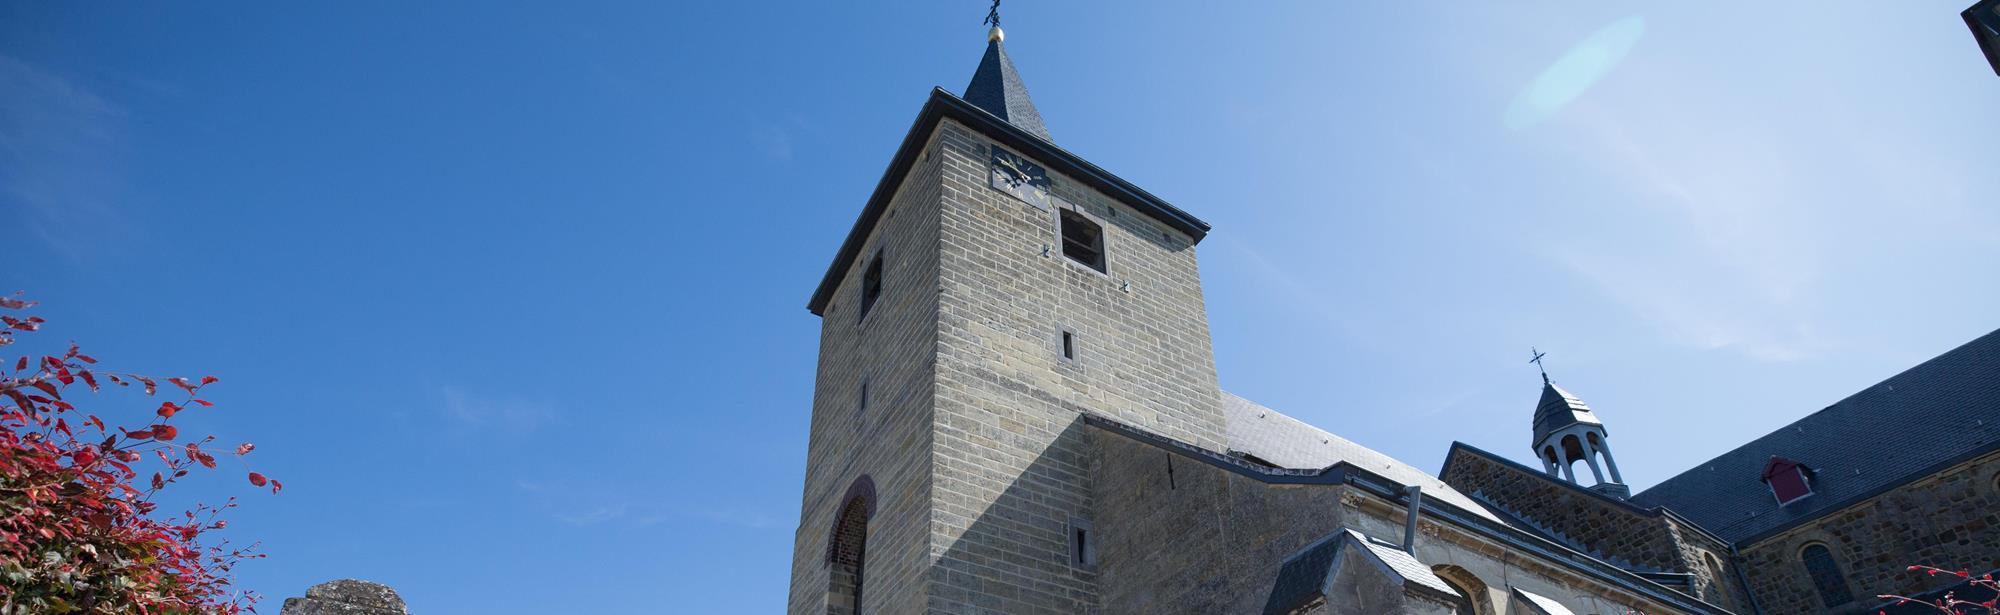 Sint-Mauritiuskerk